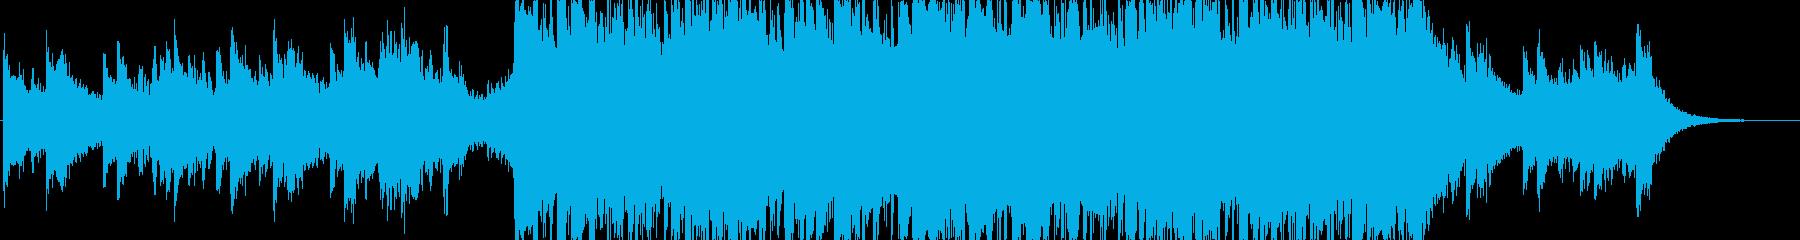 メロディアスで綺麗な印象のドラムンベースの再生済みの波形